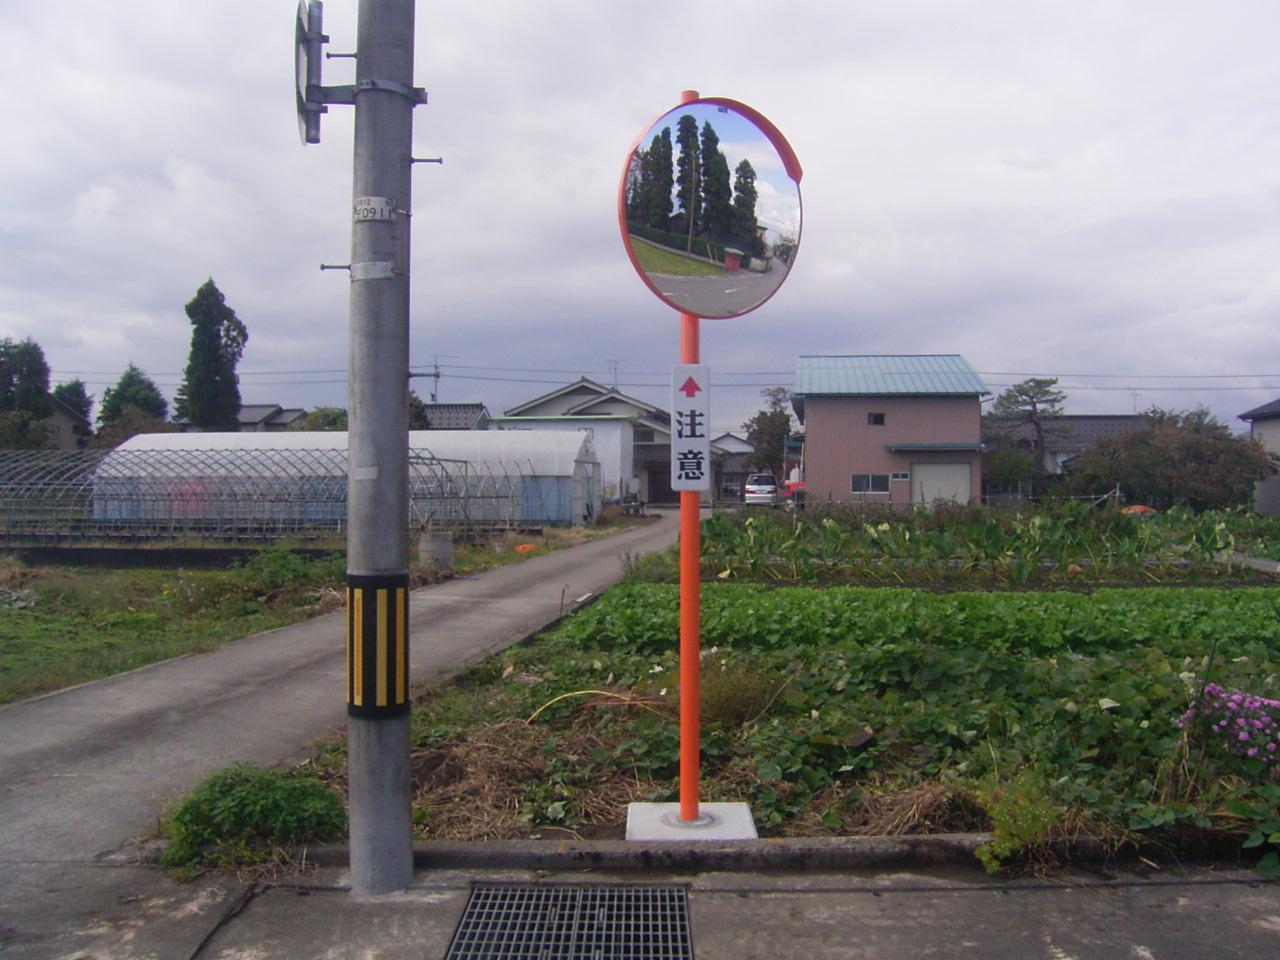 カーブミラー・道路反射鏡 施工事例02